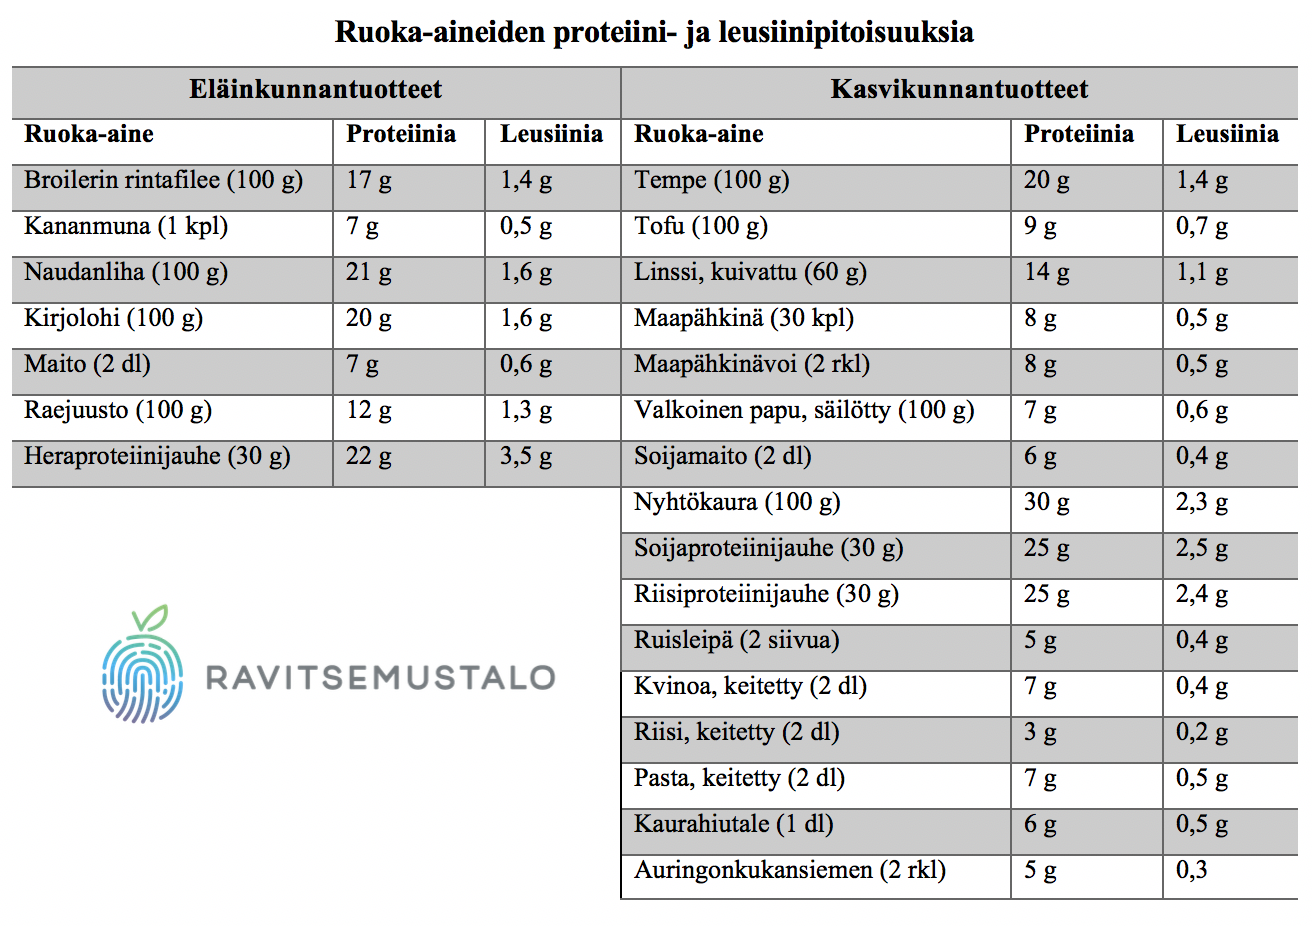 Ruoka-aineiden proteiini- ja leusiinipitoisuuksia